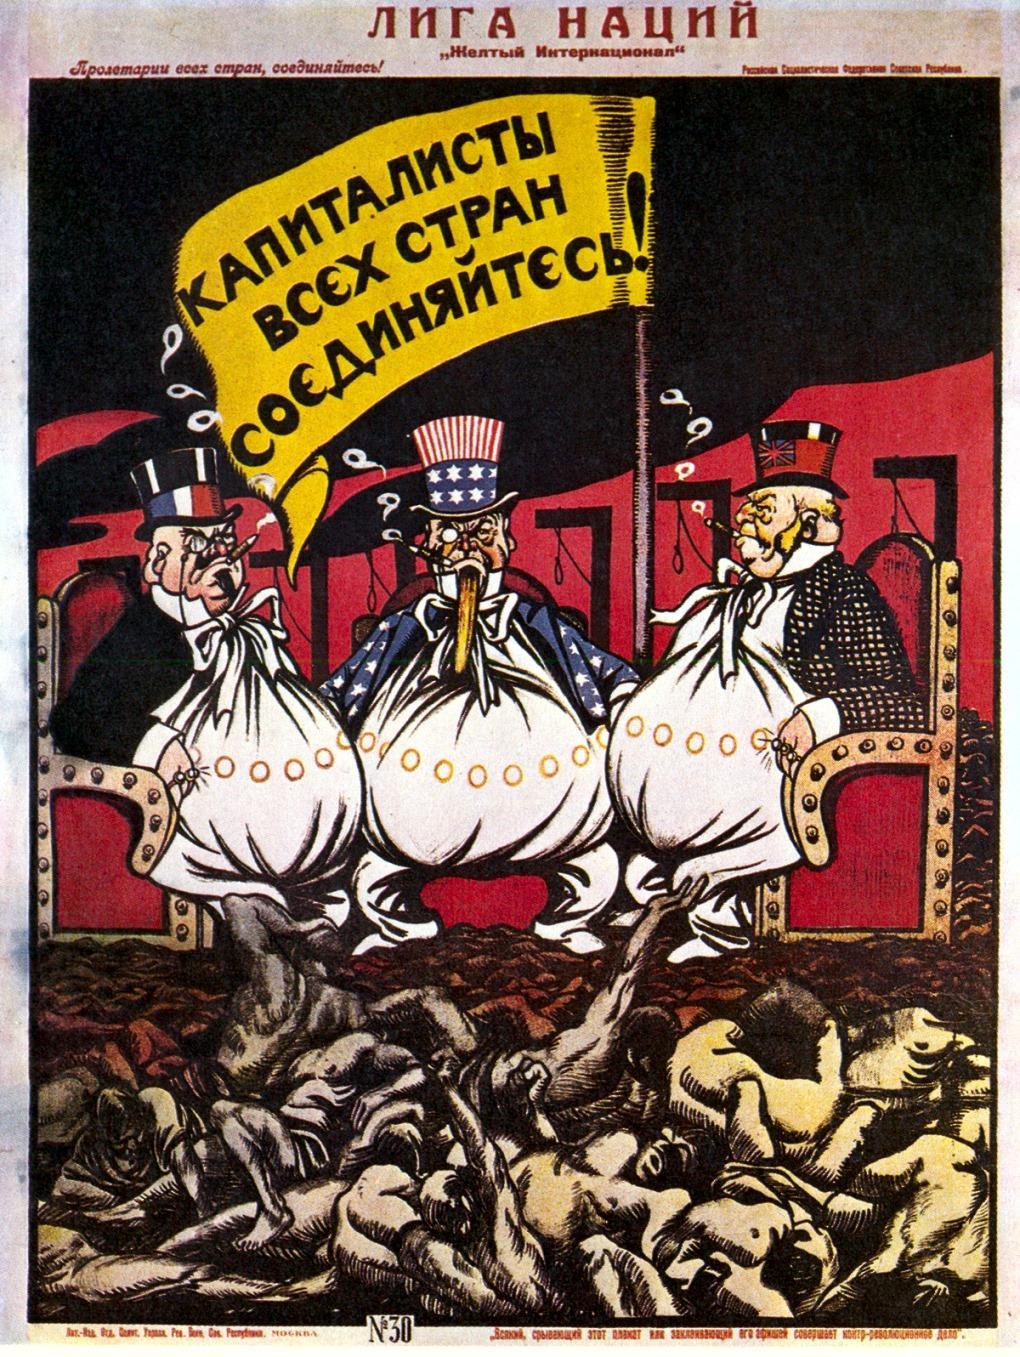 Капиталисты всех стран соединяйтесь! Виктор Дени, 1920